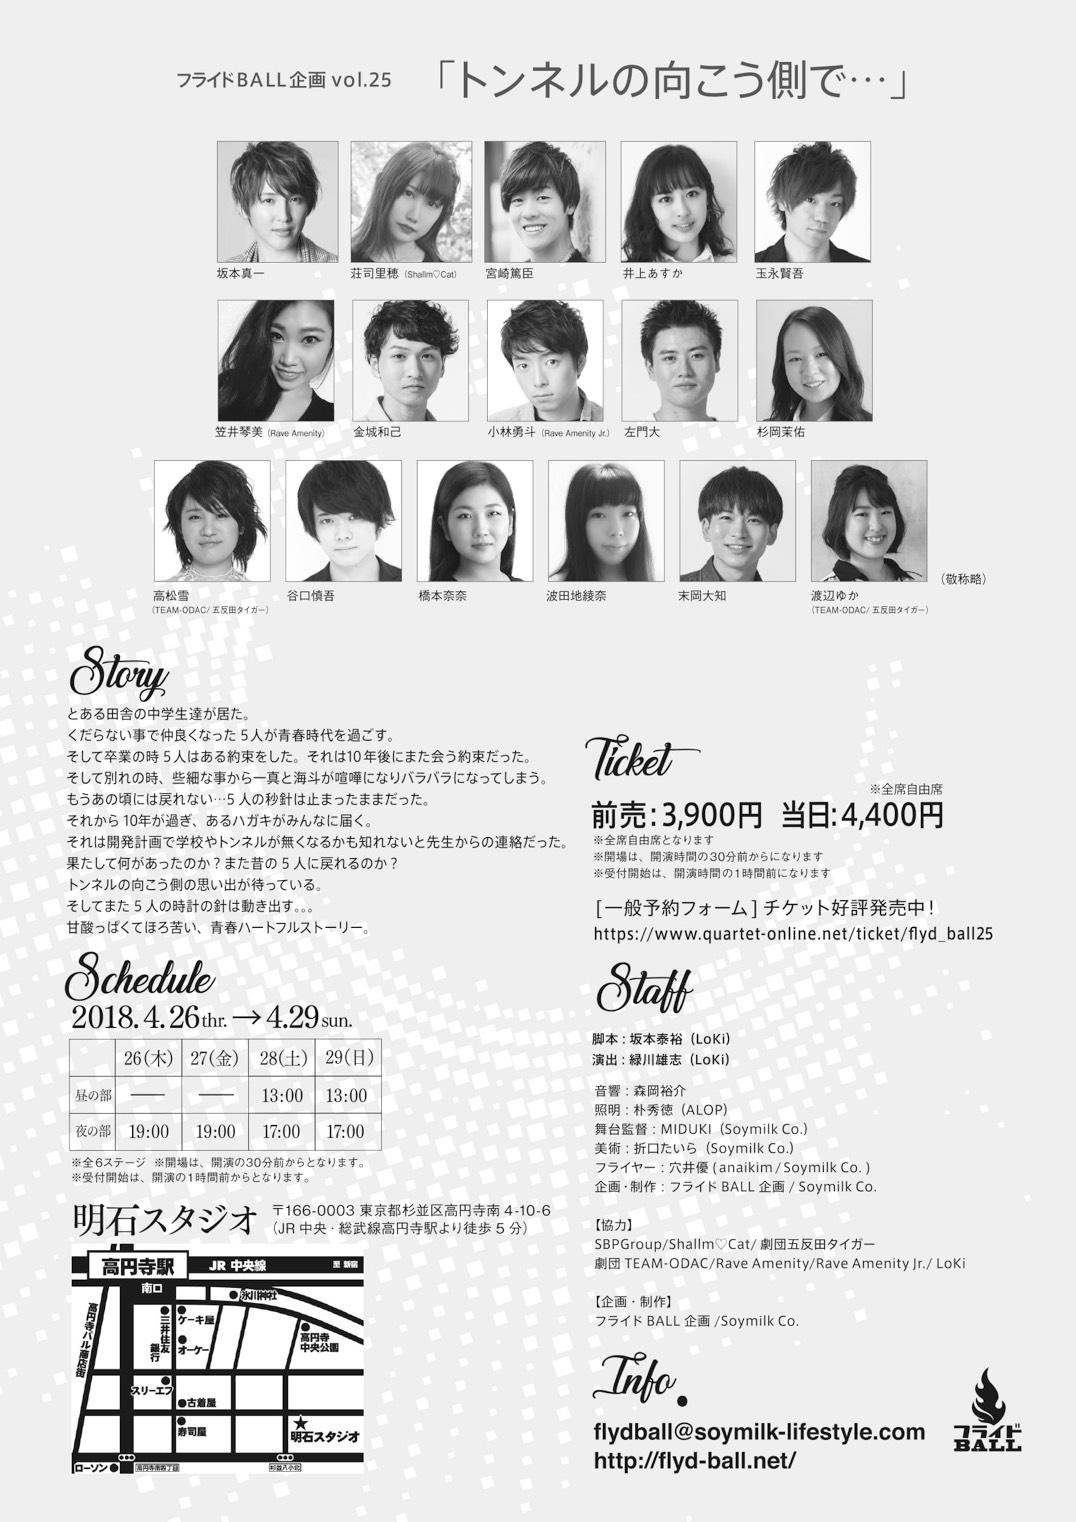 AC51DE9E-933C-4006-A8F4-E4FA9FB4CB6E